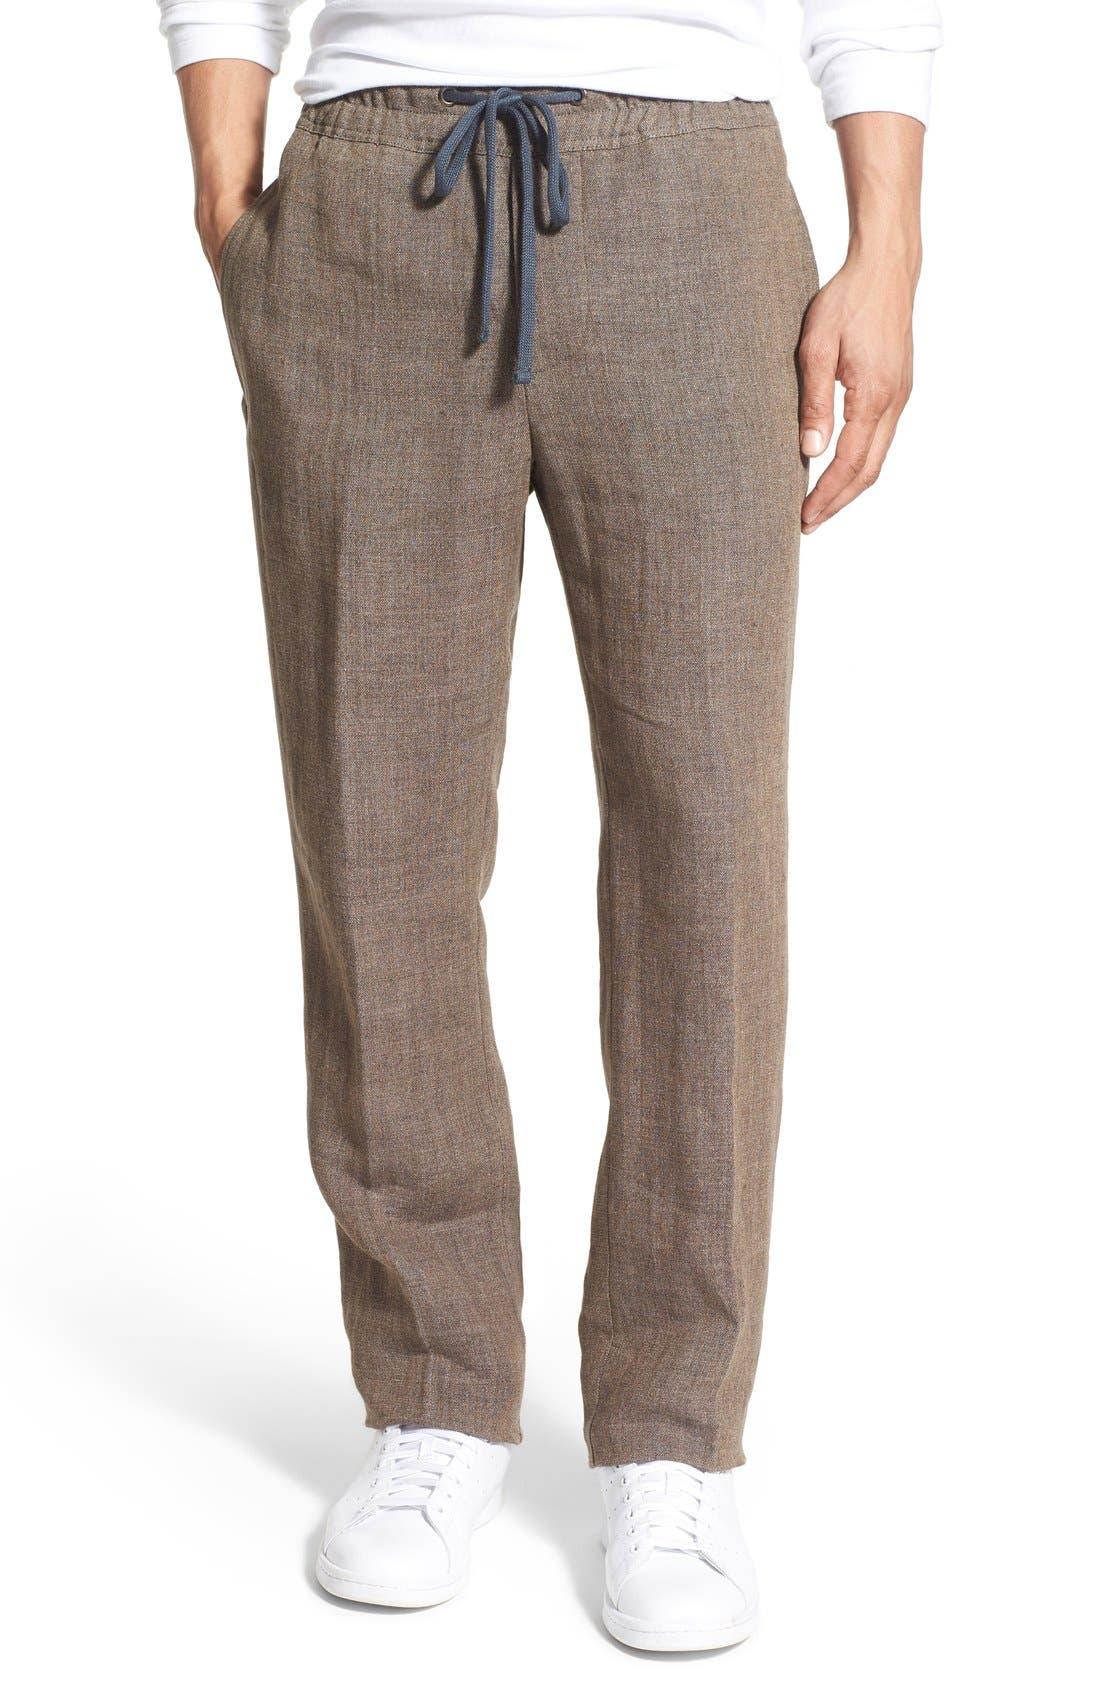 'Delave' Drawstring Linen Pants,                         Main,                         color, Acorn